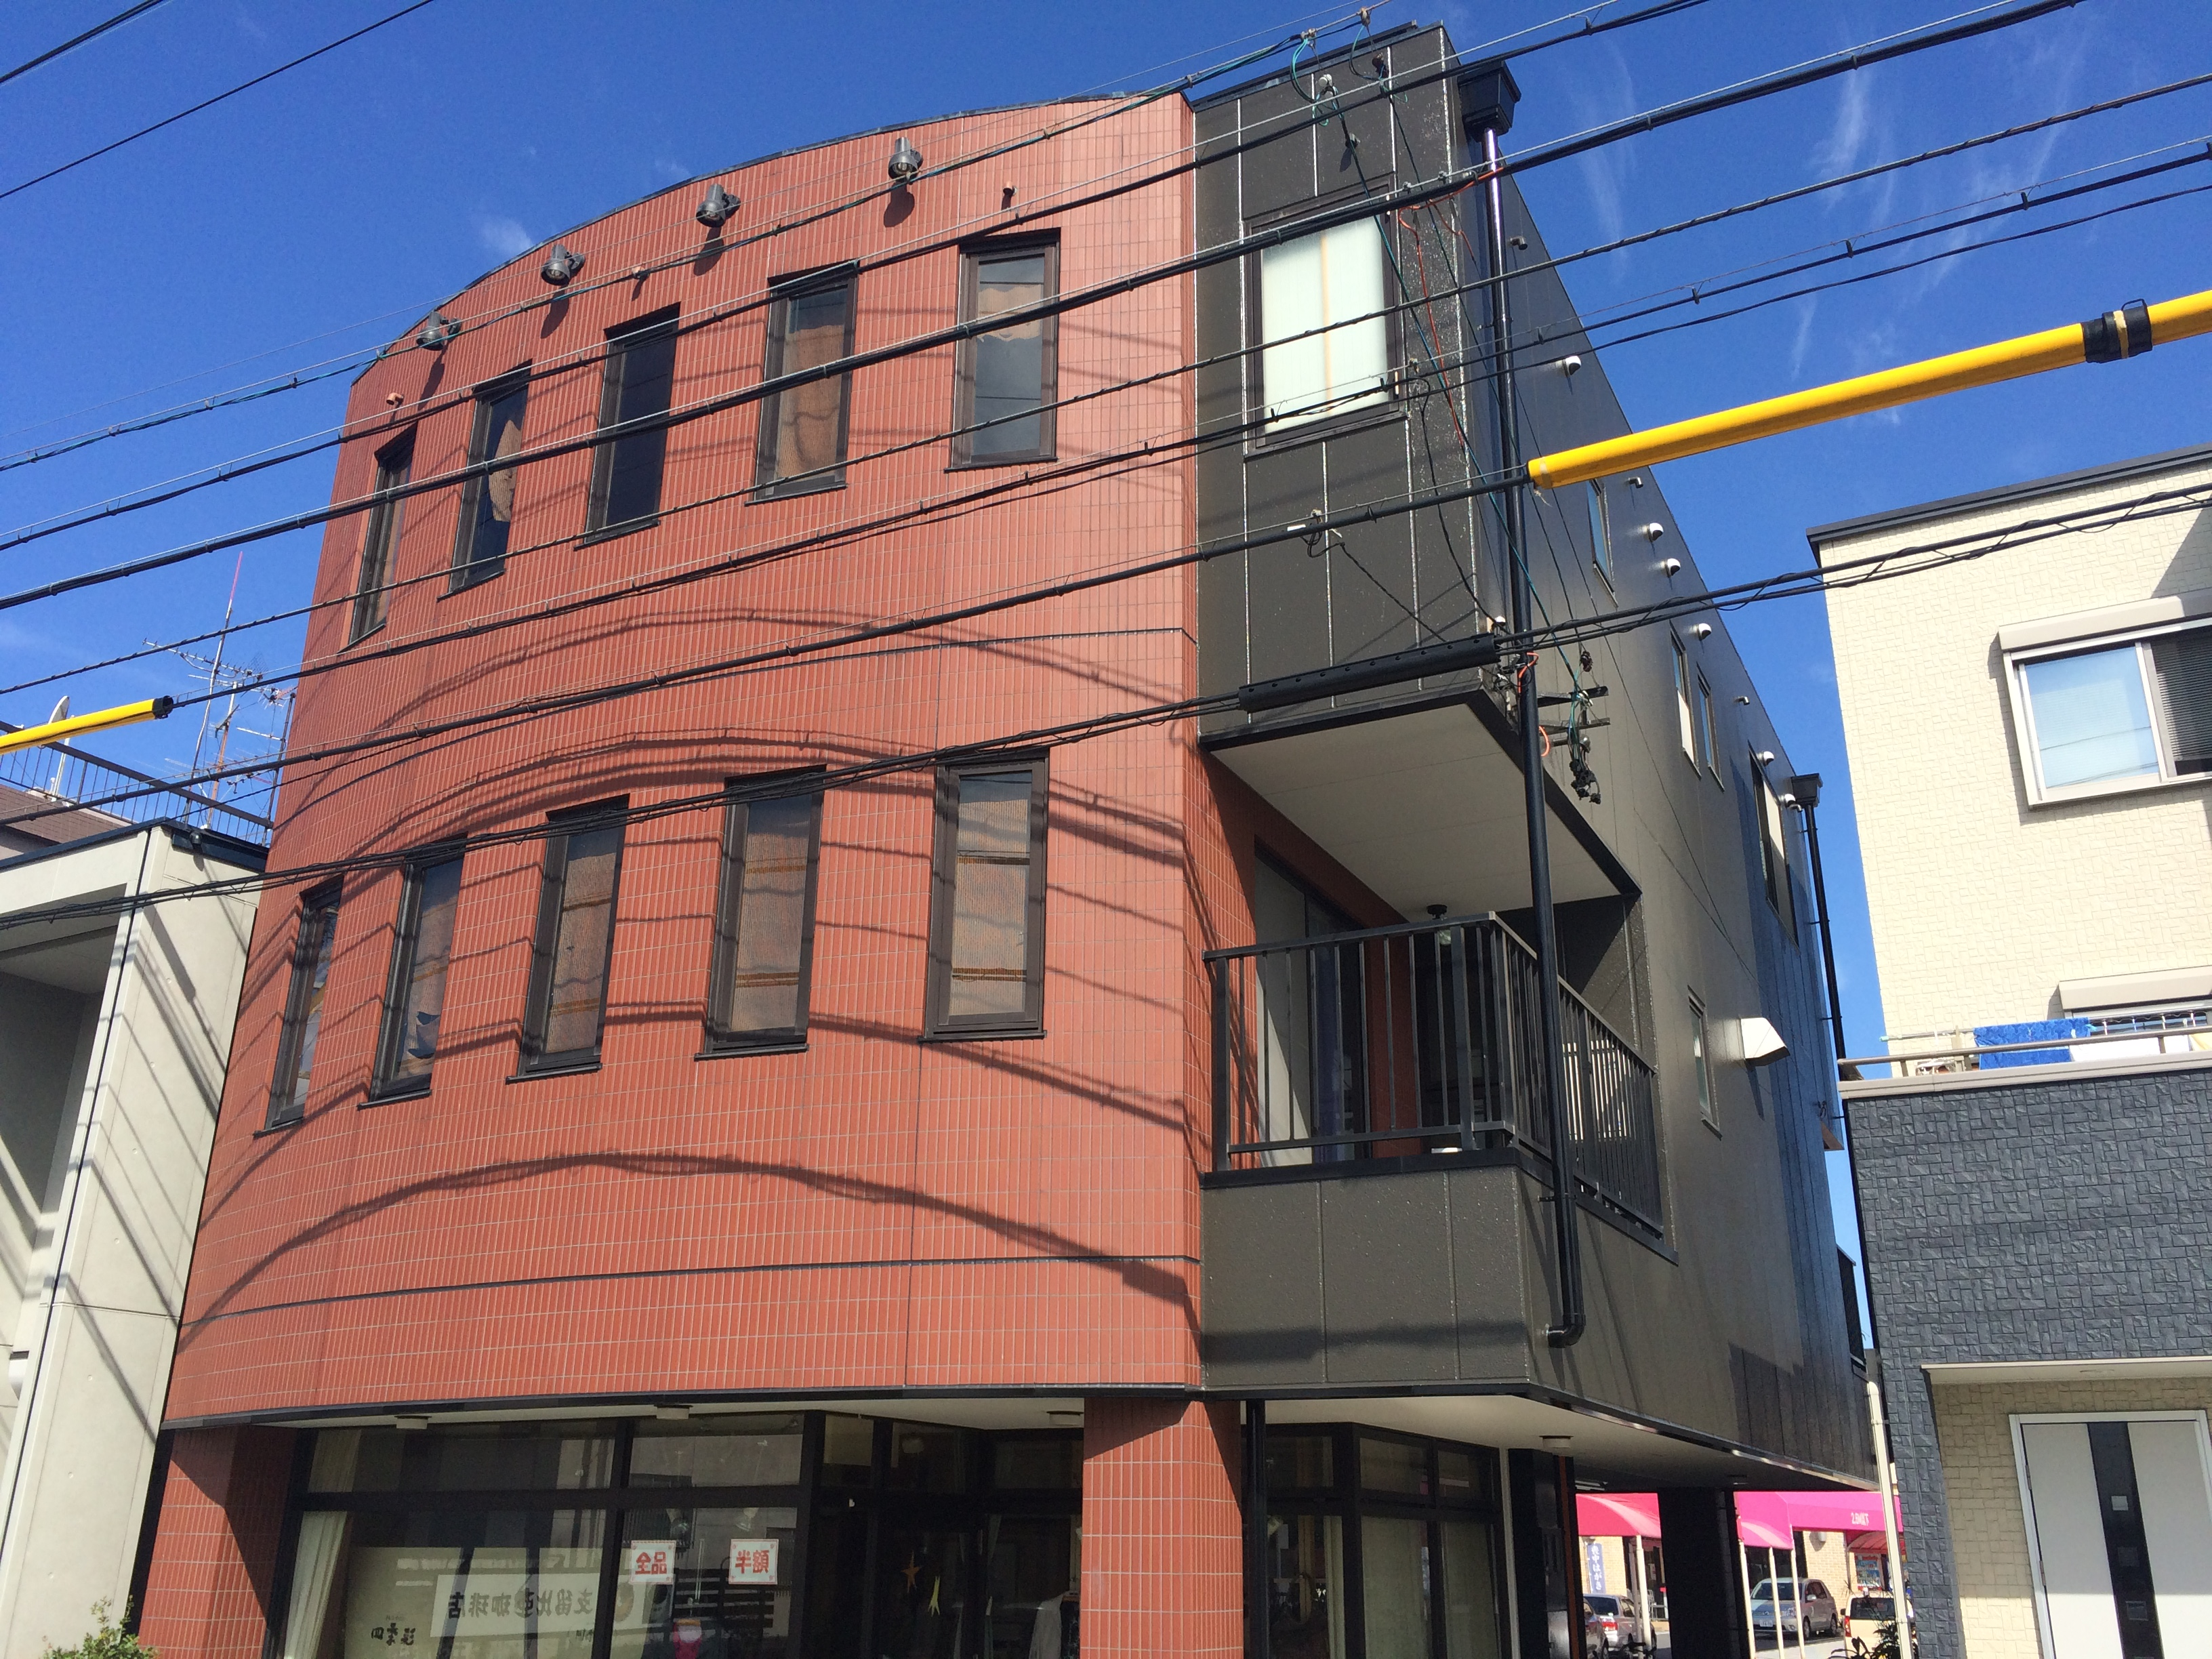 愛知県海部郡大治町のM様邸外壁塗装工事をご紹介させていただきます。 お見積り時、外壁の塗膜が少し浮...